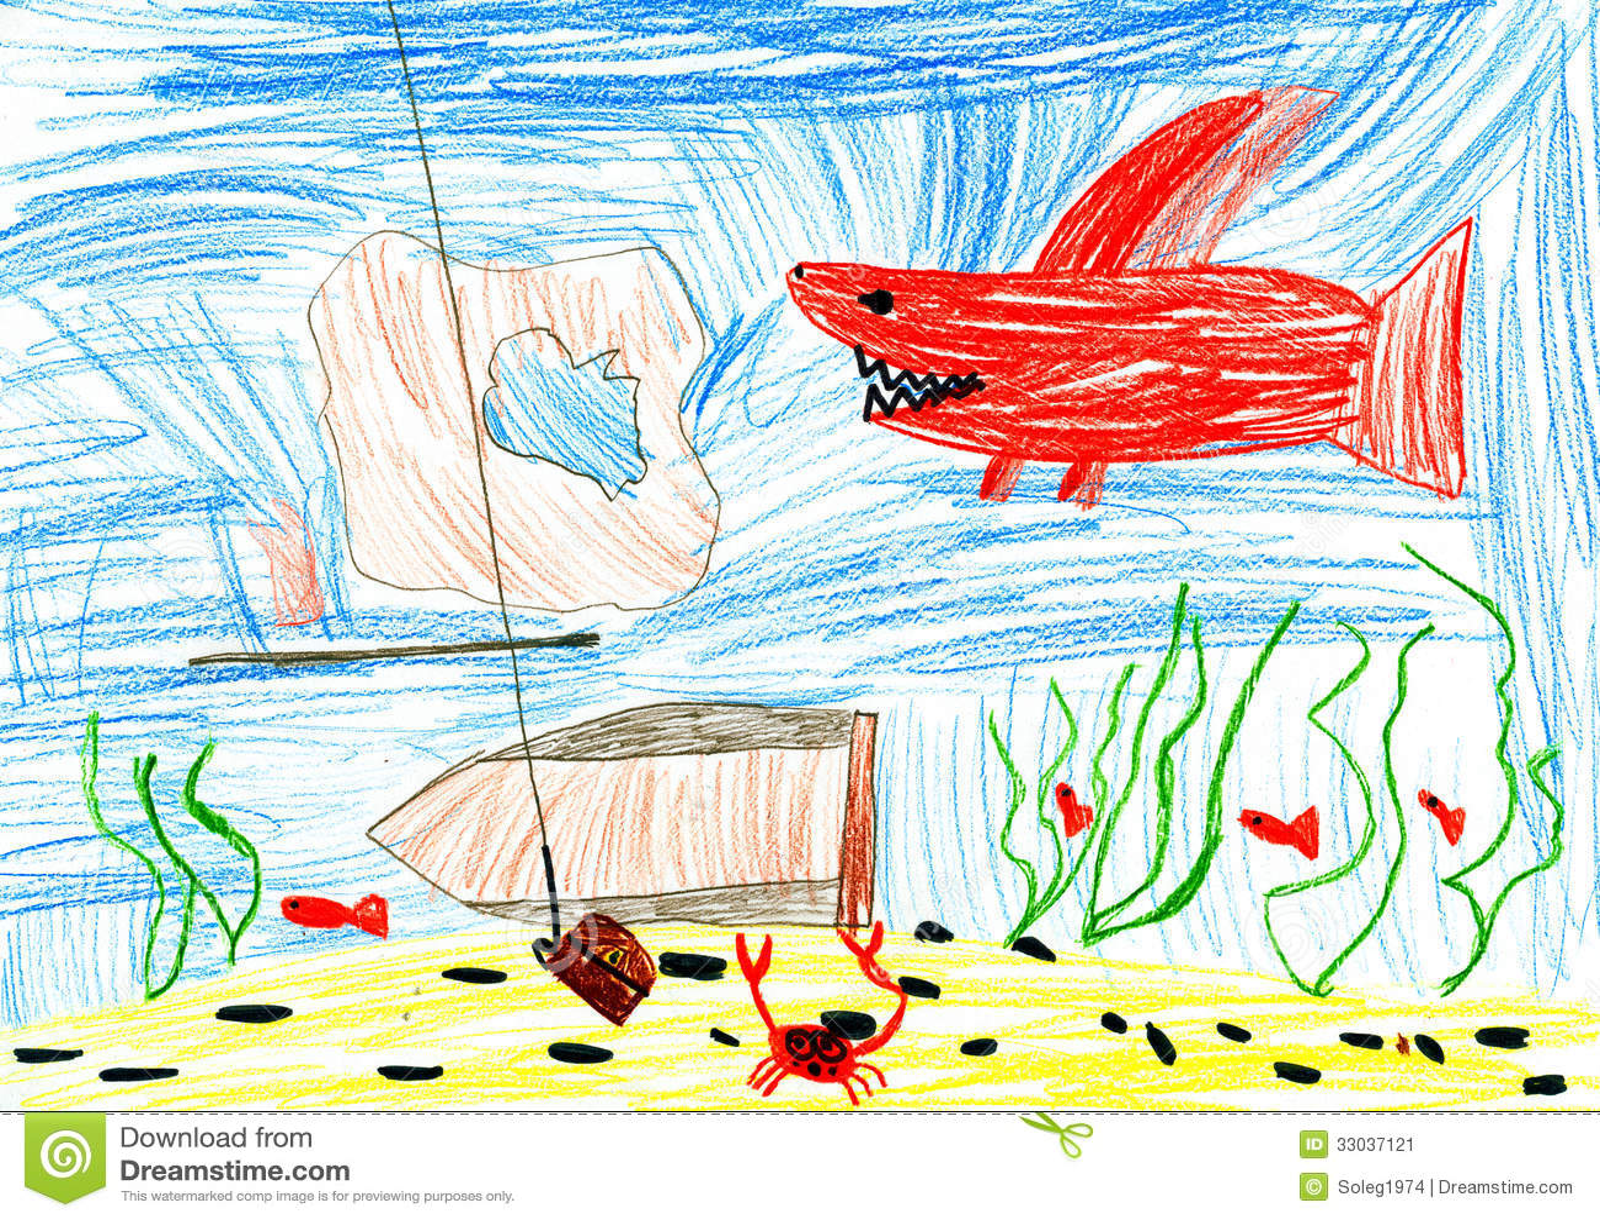 Underwater World Pack ~ Graphics ~ Creative Market  Underwater World Drawings